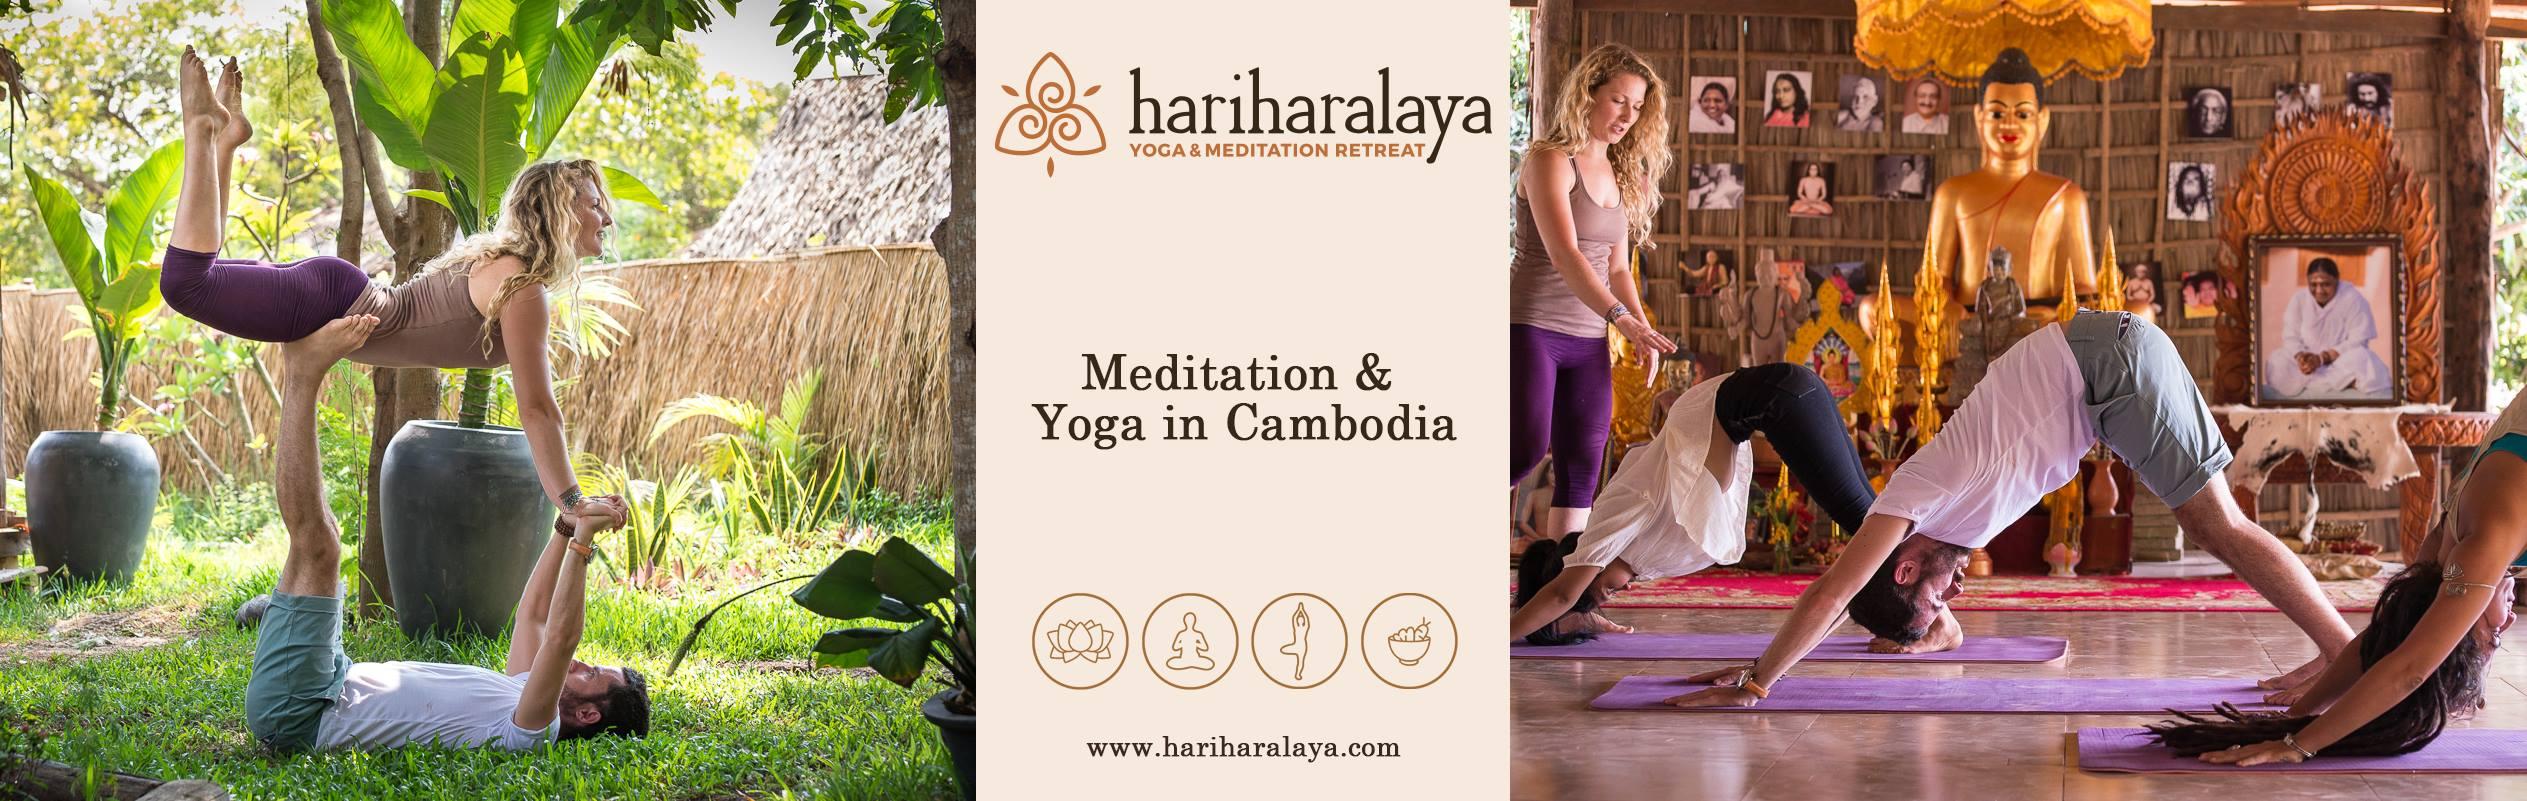 hariharalaya-meditation-retreat-centre-cambodia-5